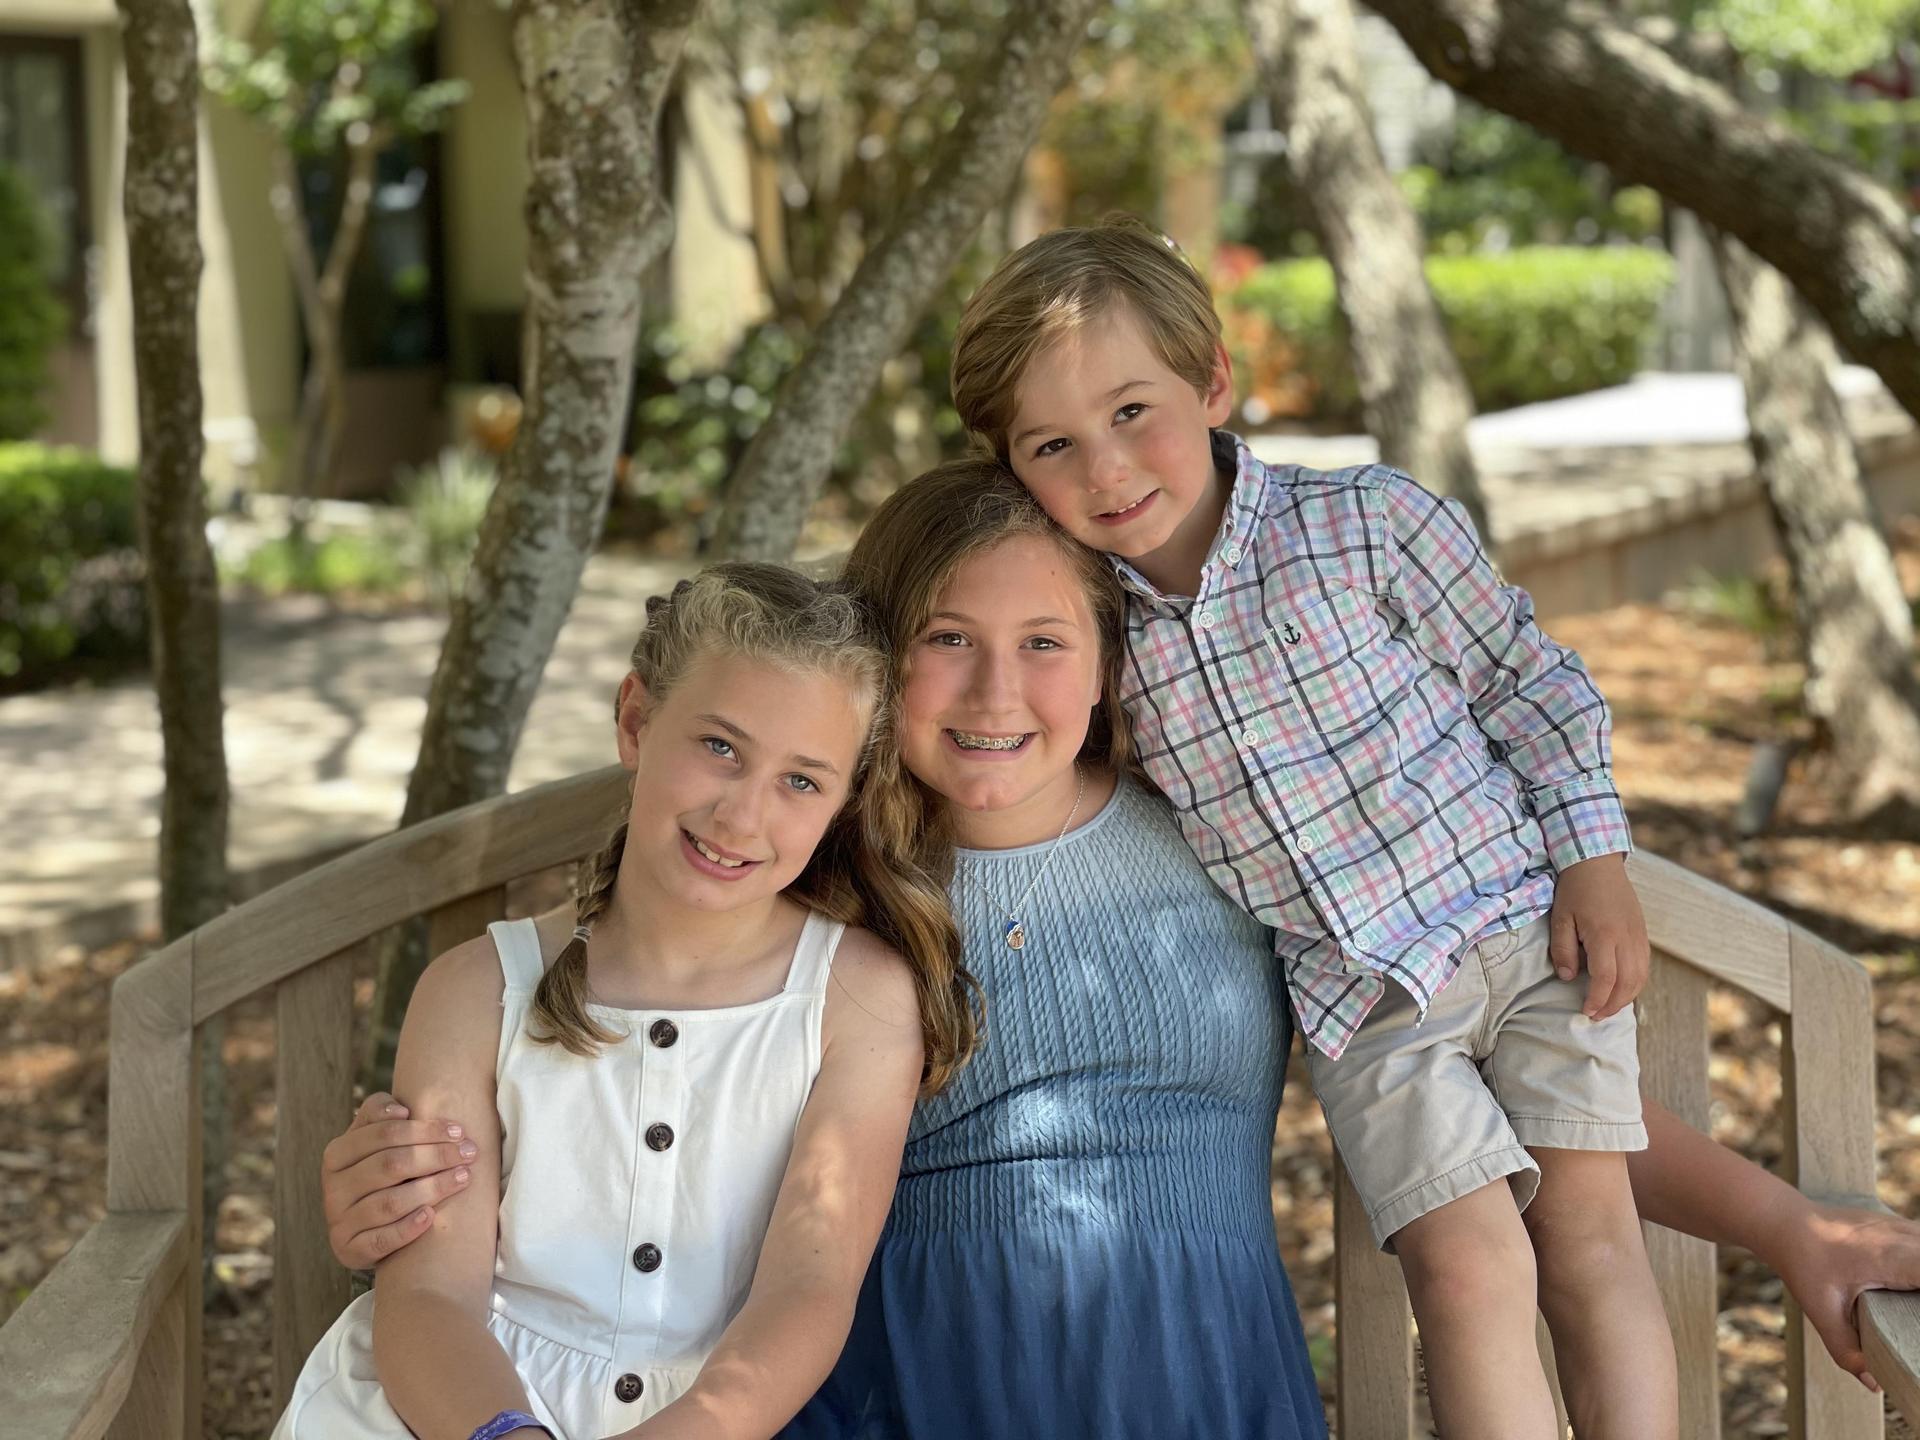 The kiddos!